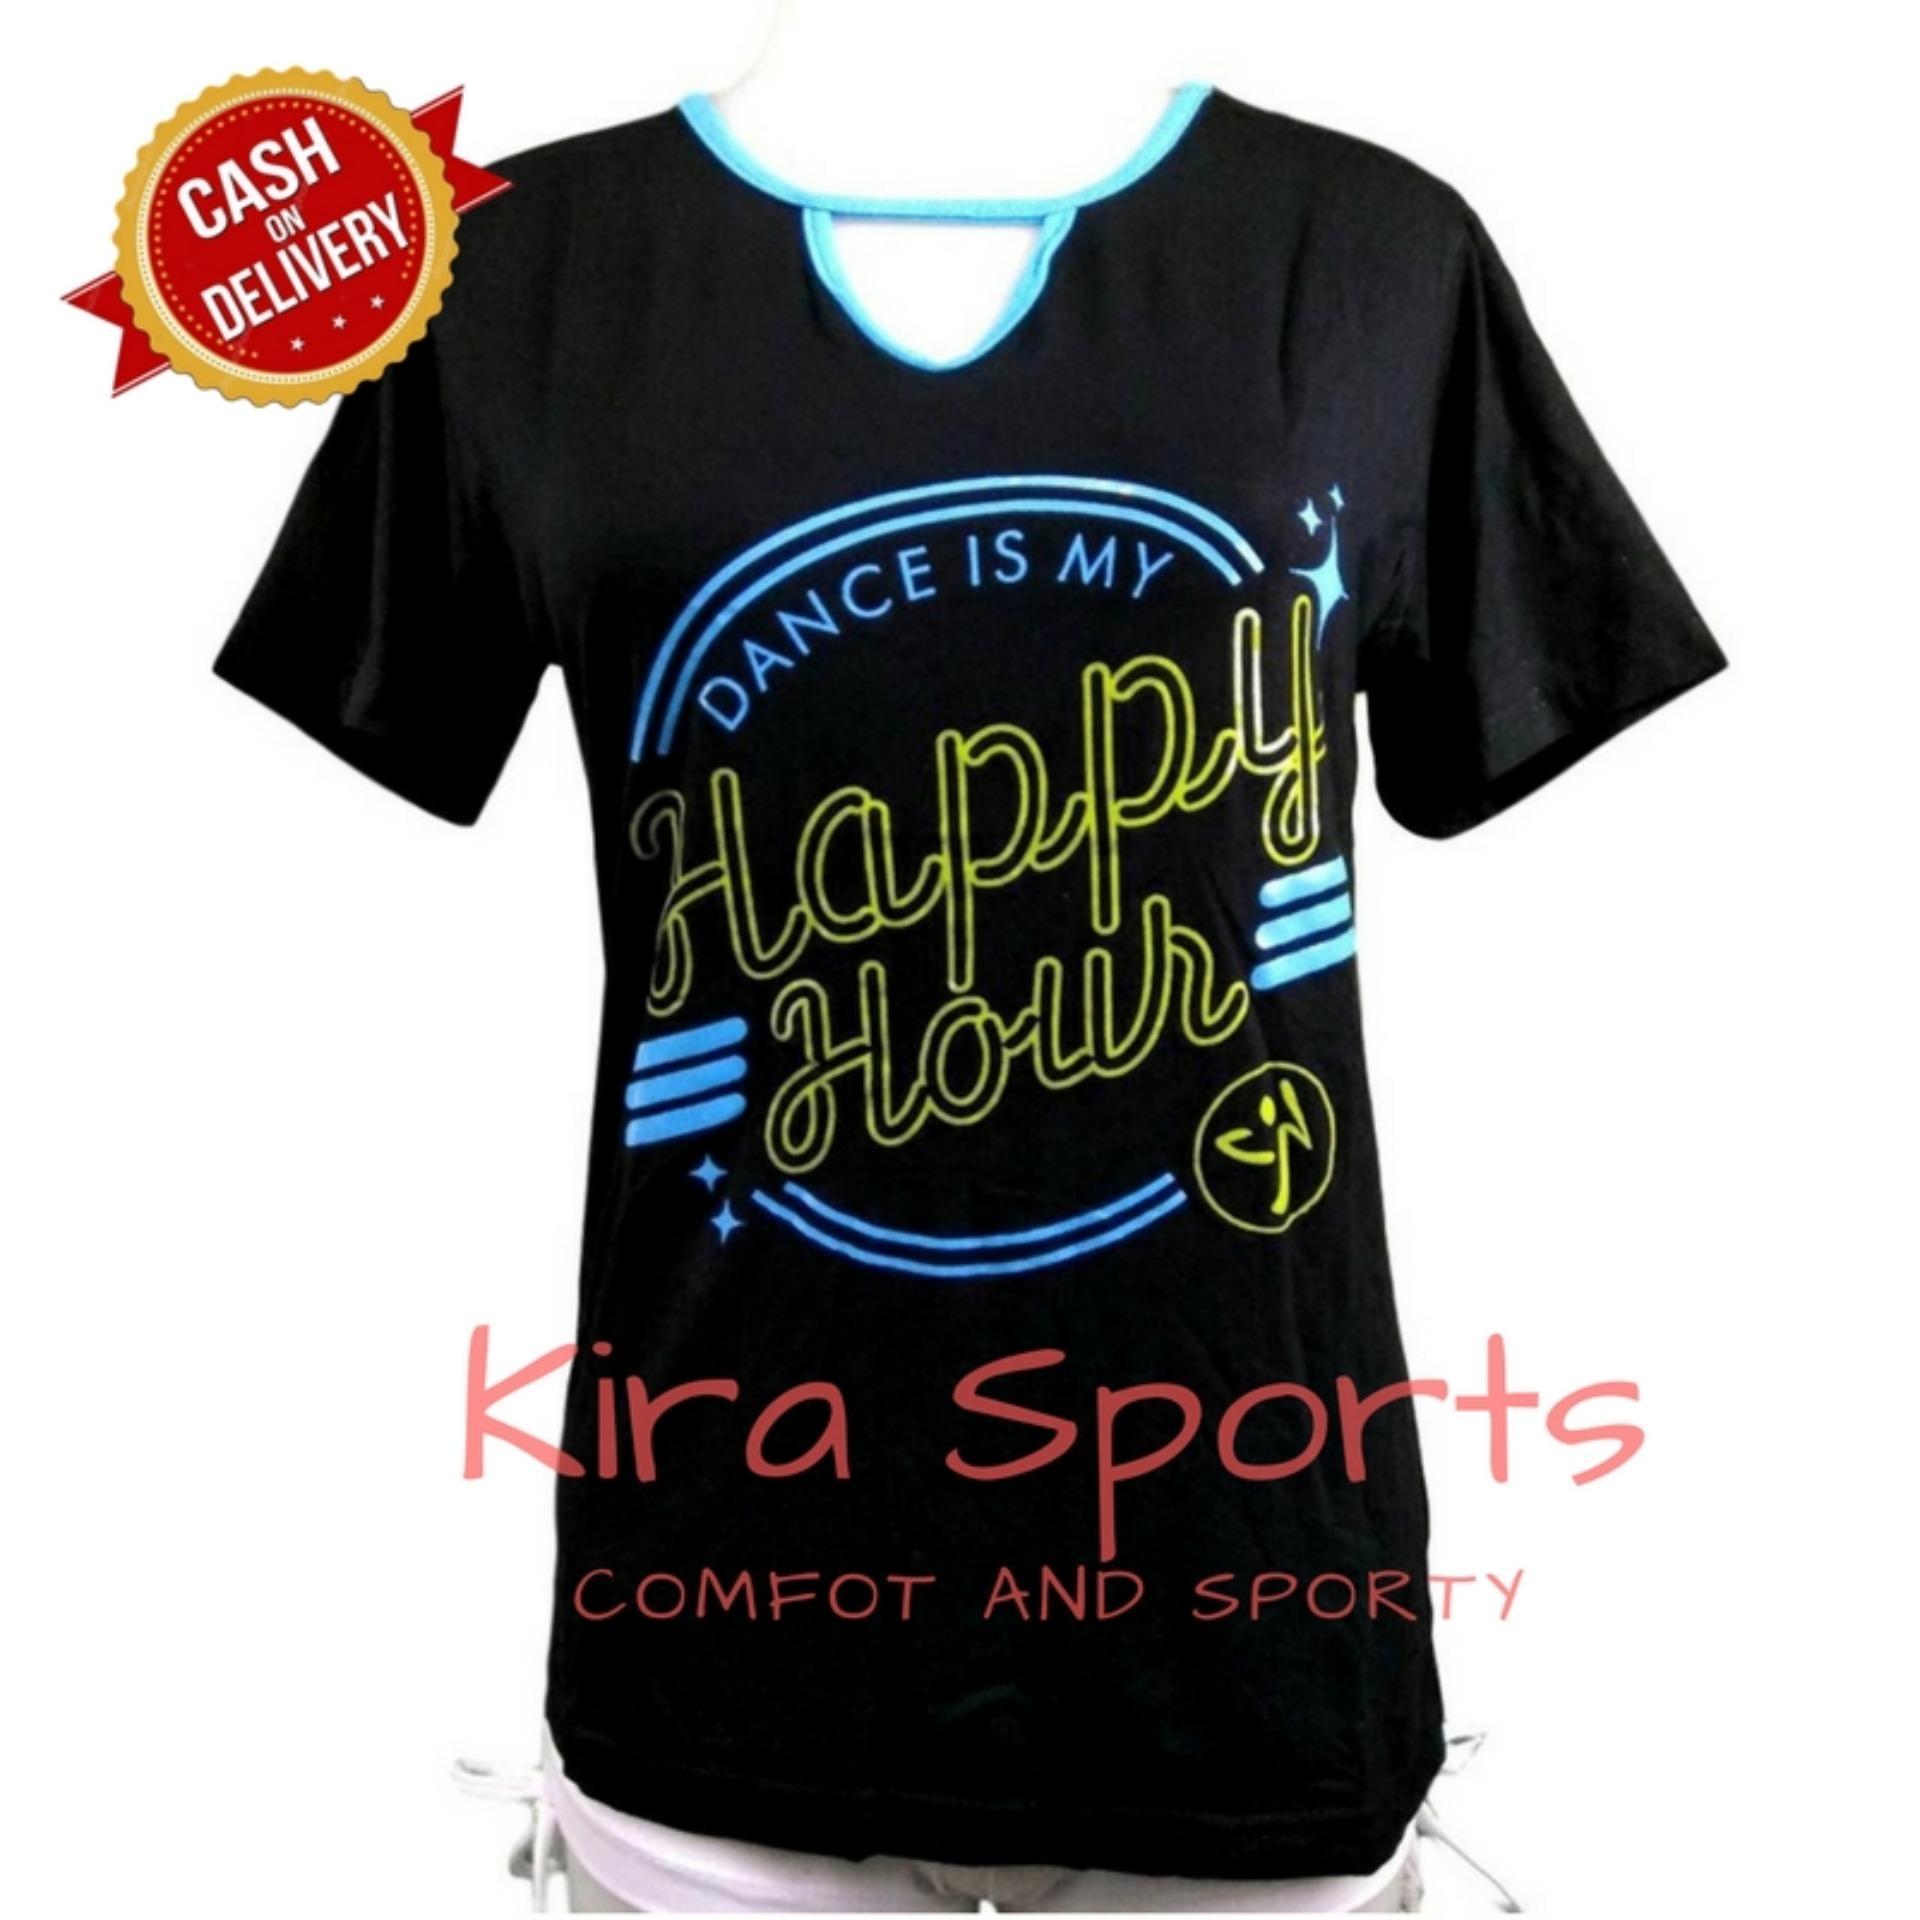 Rp 99.900. Kira Sports Tanktop Senam Wanita / Atasan Kaos ...